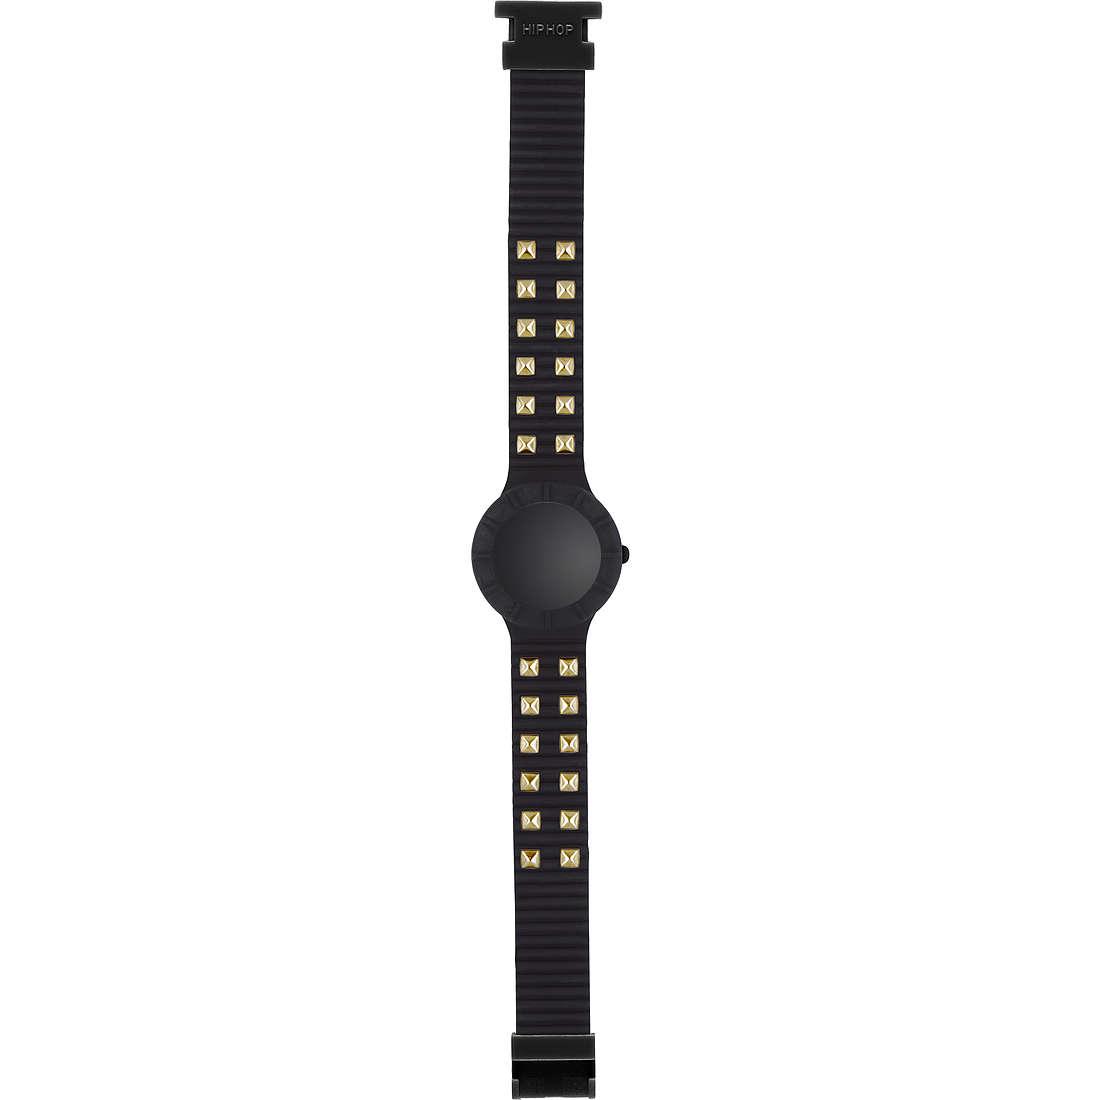 montre accessoire unisex Hip Hop Studs HBU0247